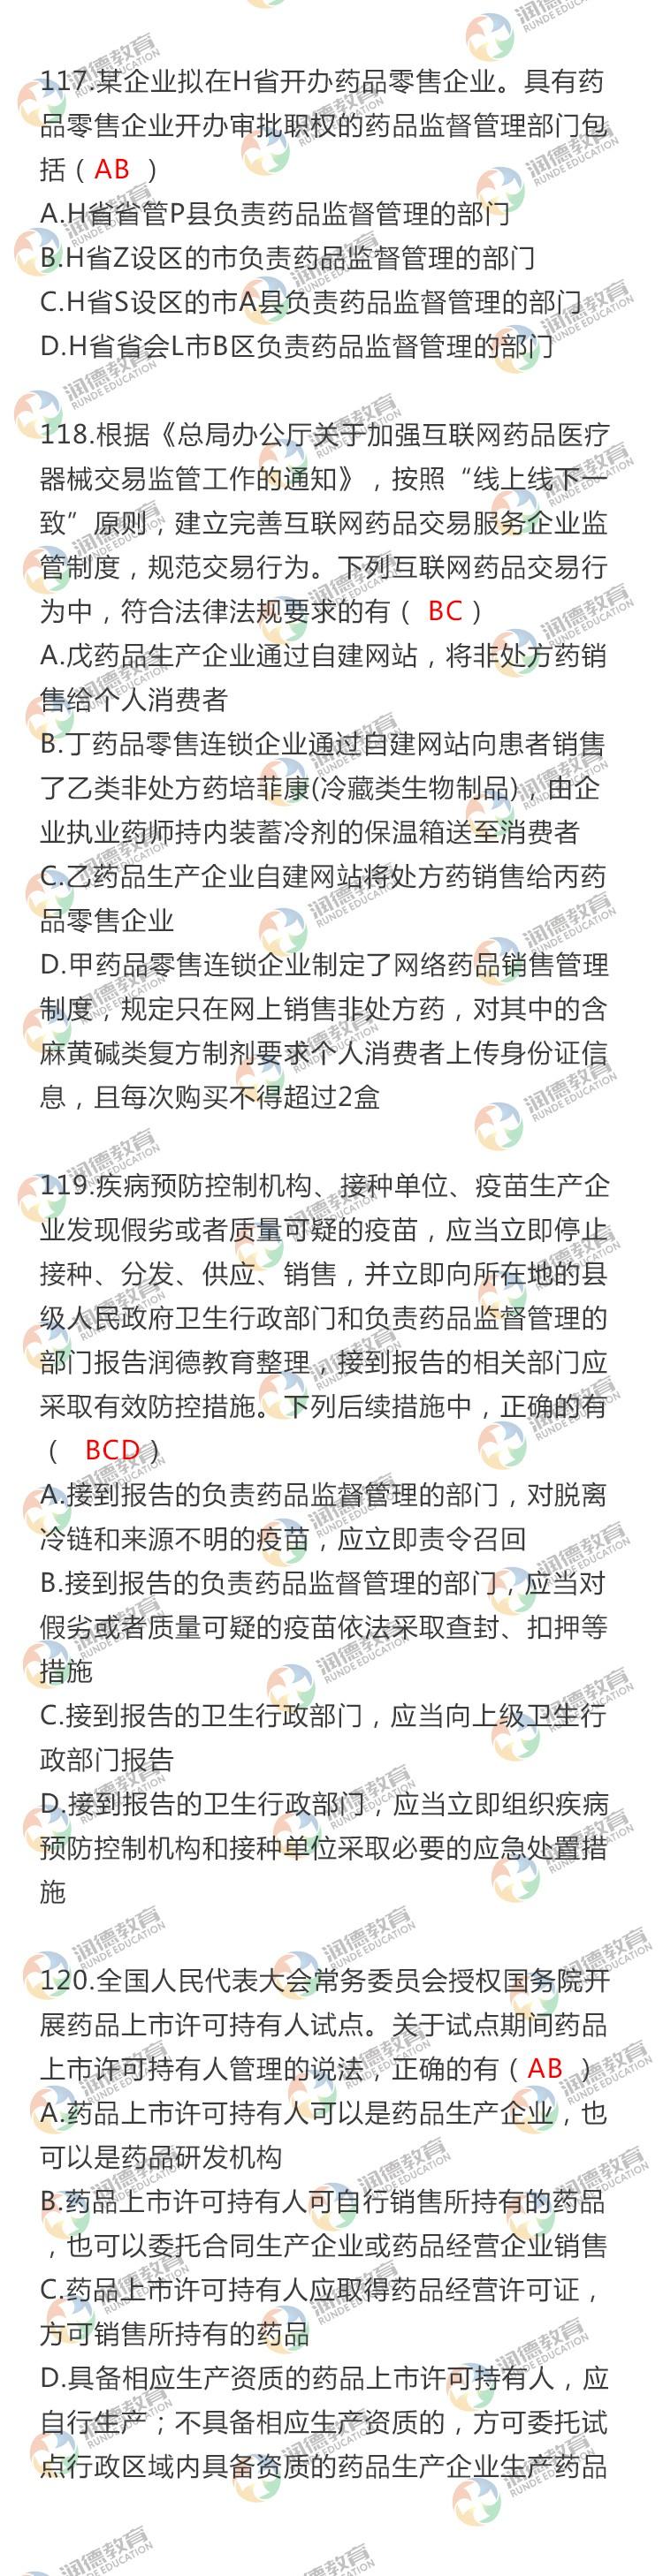 法规131-140.jpg